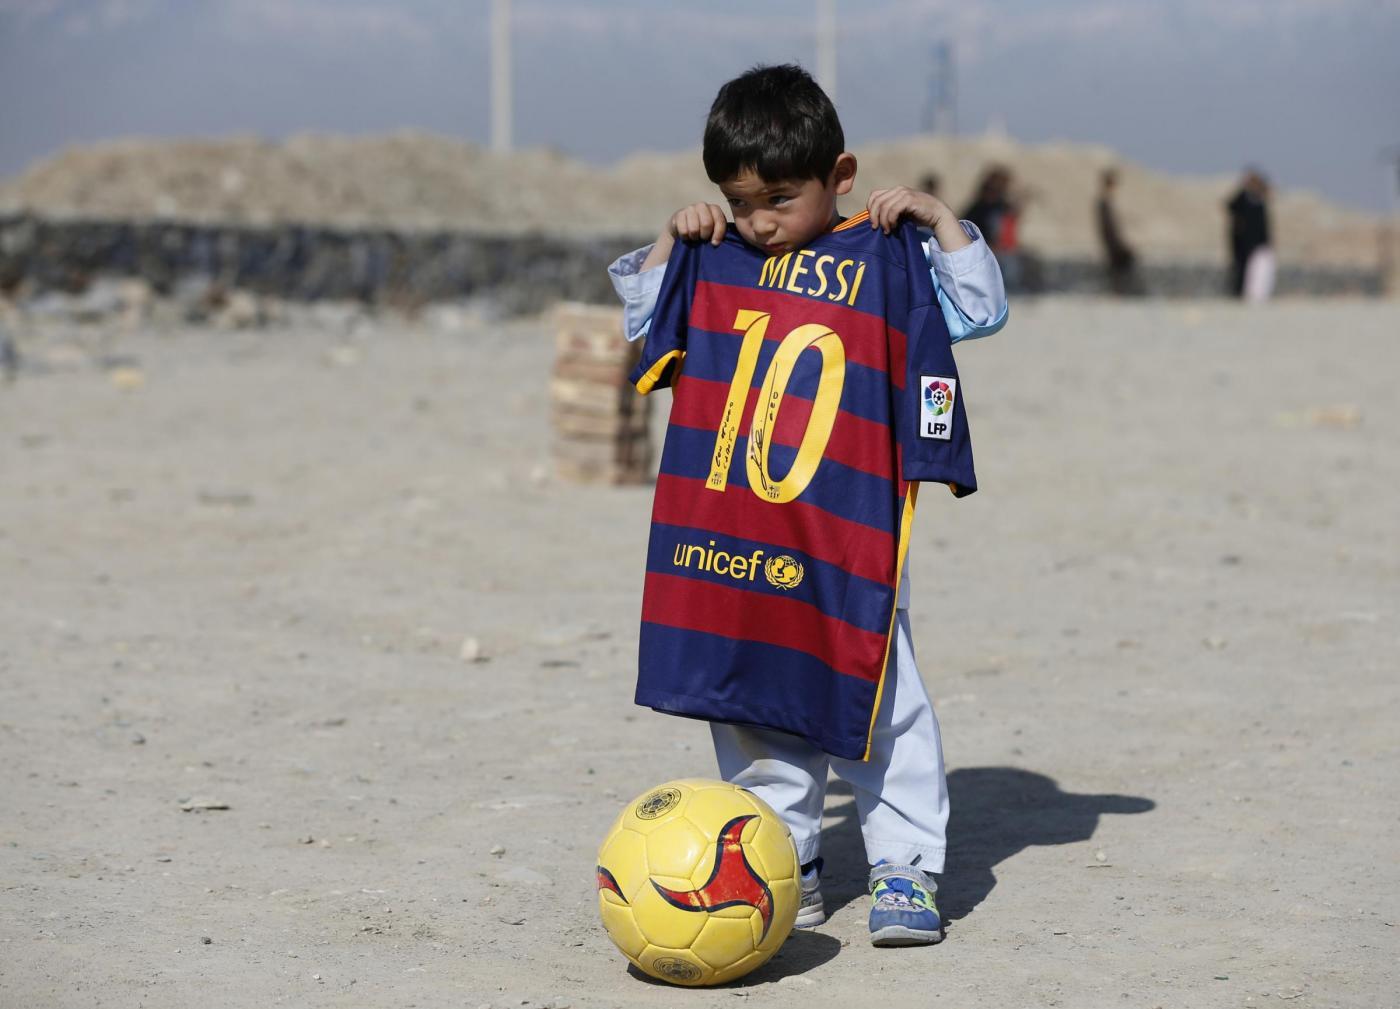 Calcio, il piccolo Murtaza finalmente incontra Messi